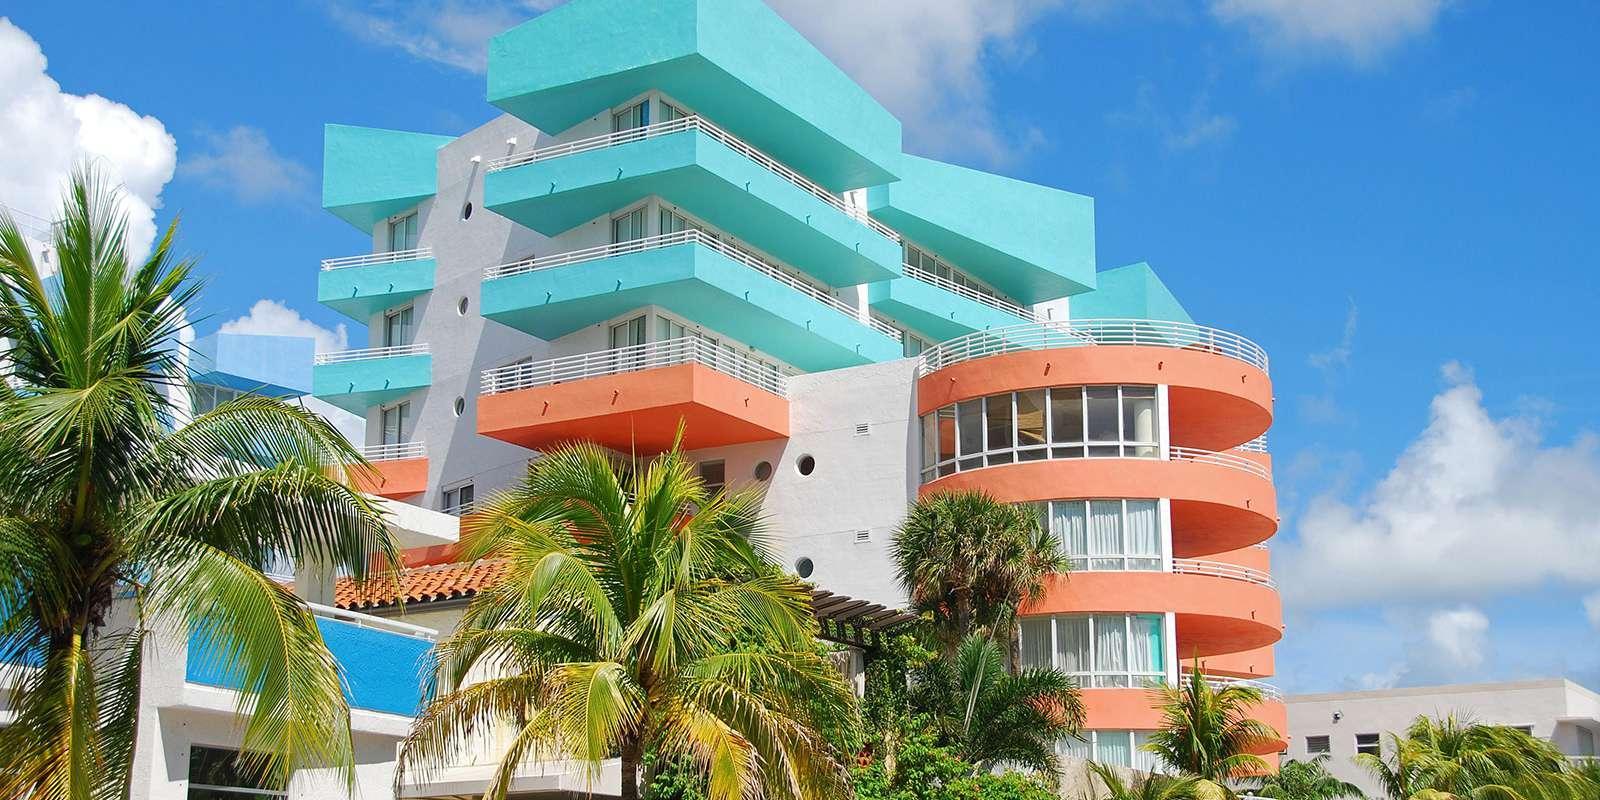 Art_Deco_Miami-1-1600x800